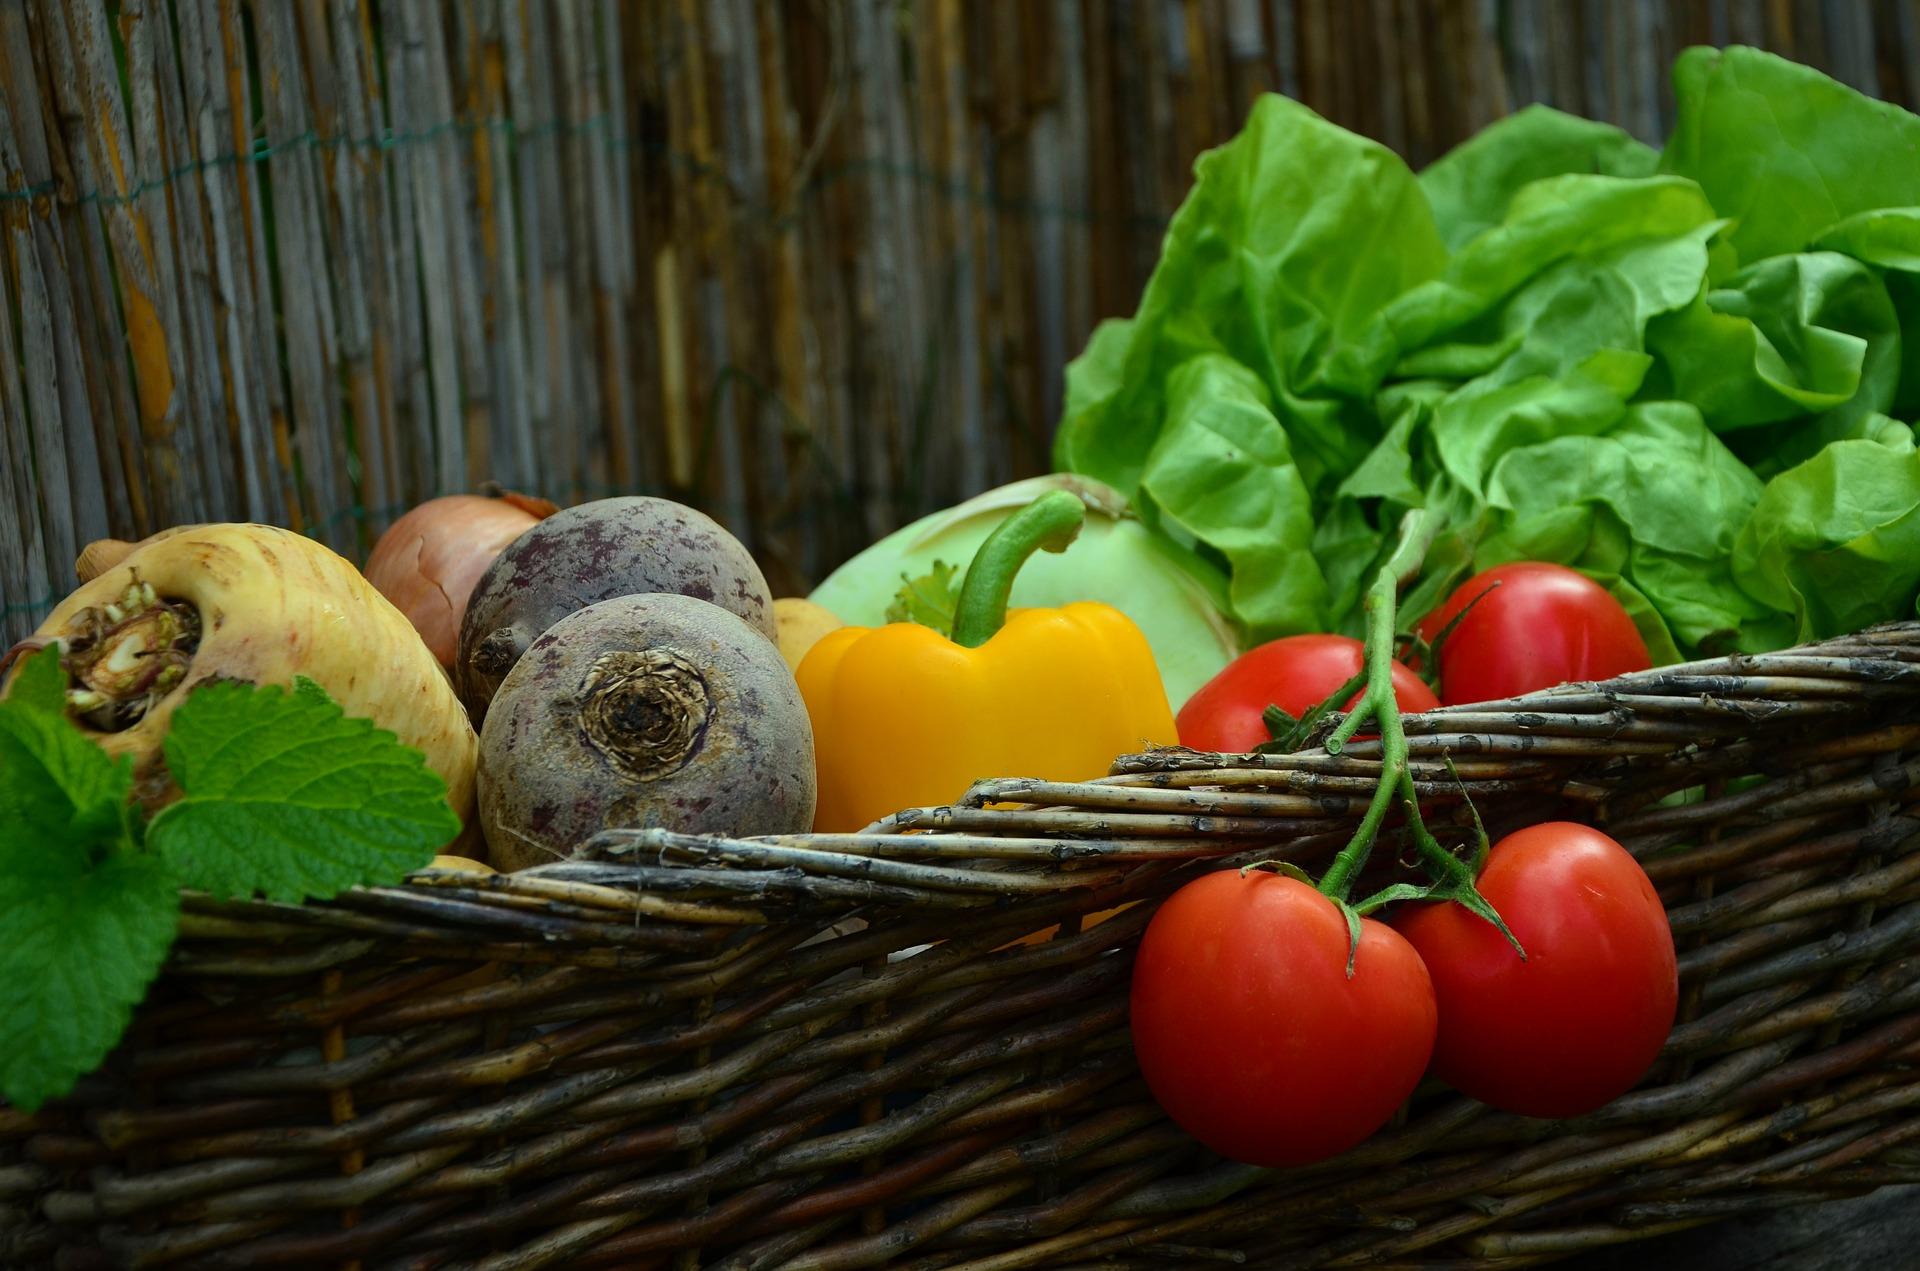 vegetables-752155_1920 (1)